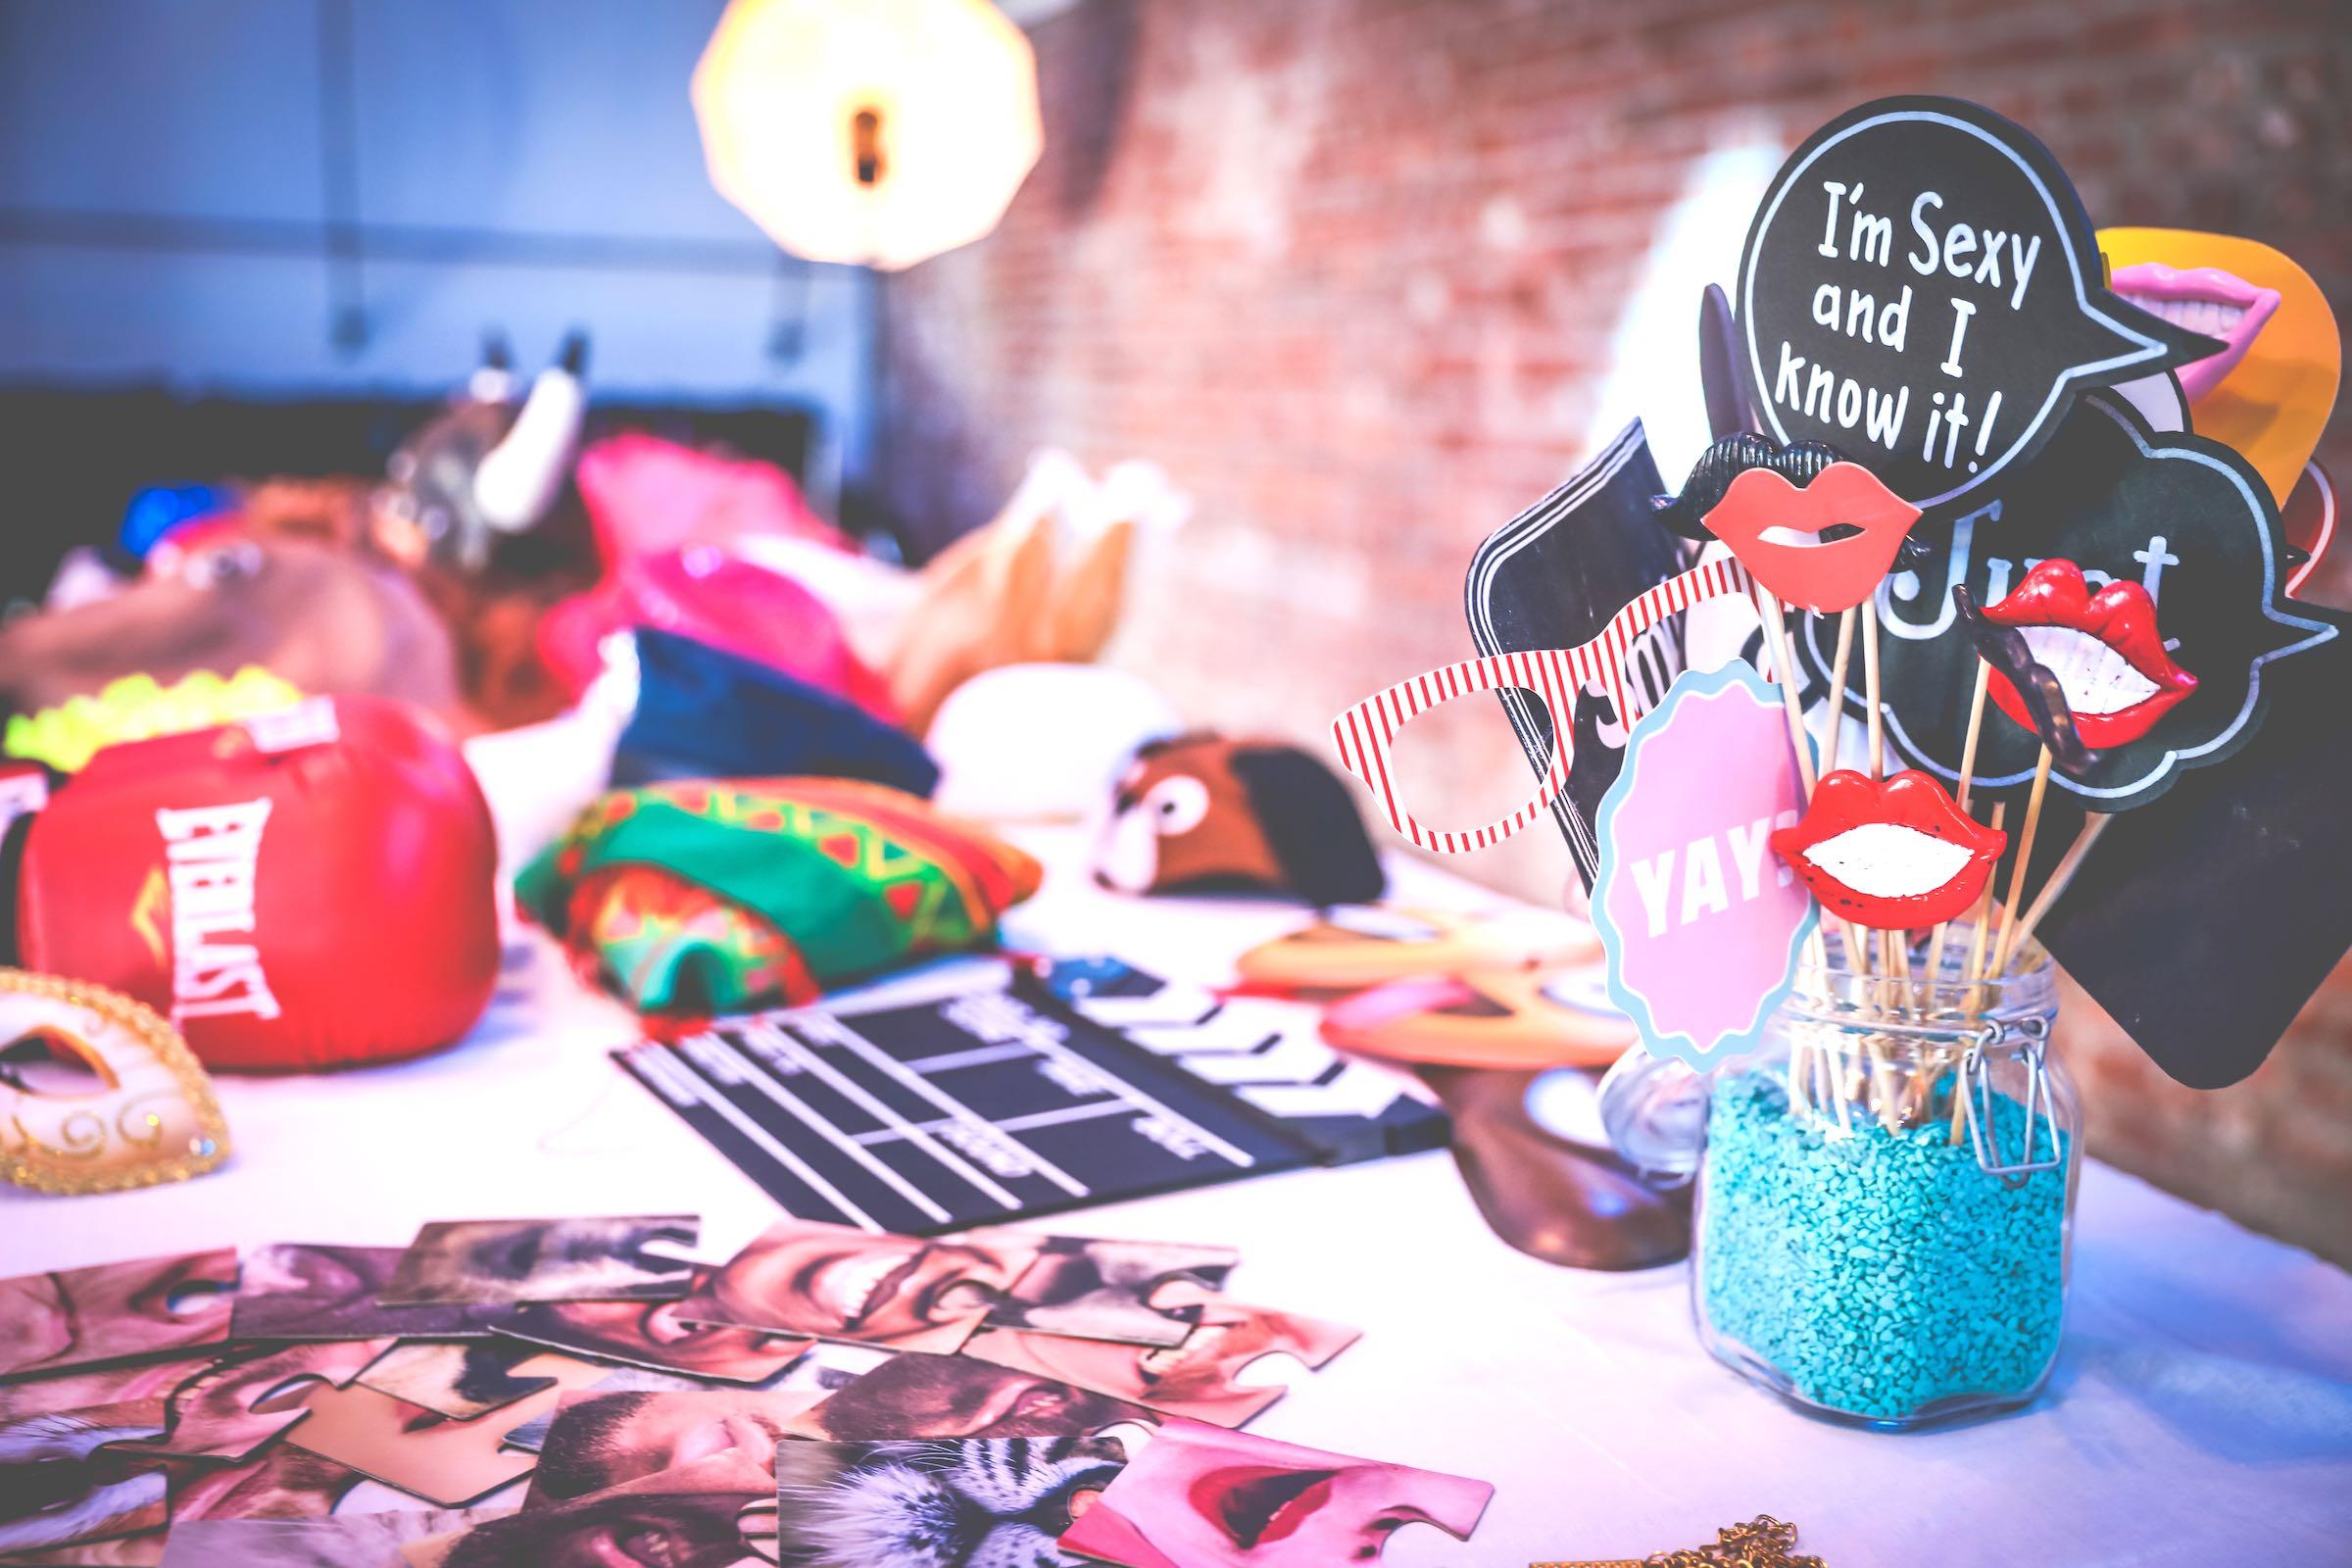 Photobooth | Mieten | Fotoautomat | Hochzeit | Fotokiste | Firmenfeier | Photobooth | Abiball | Hannover | Hameln | Braunschweig | Messe | Firmenfeier | Buchen | Mieten | Fotoglotze | Lehmann | Eventservice